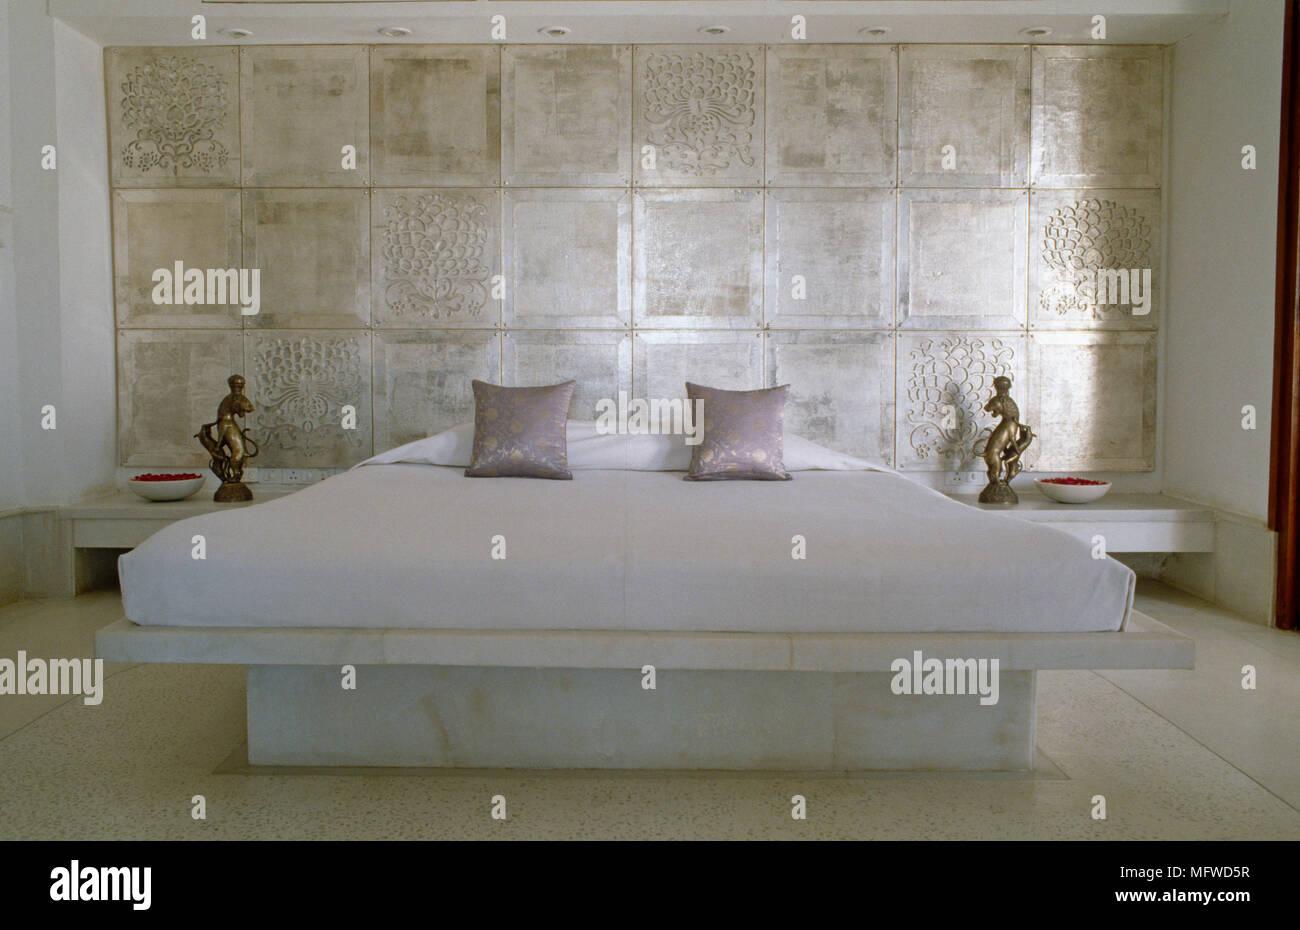 Lit King size avec plate-forme de marbre contre mur carrelé dans ...